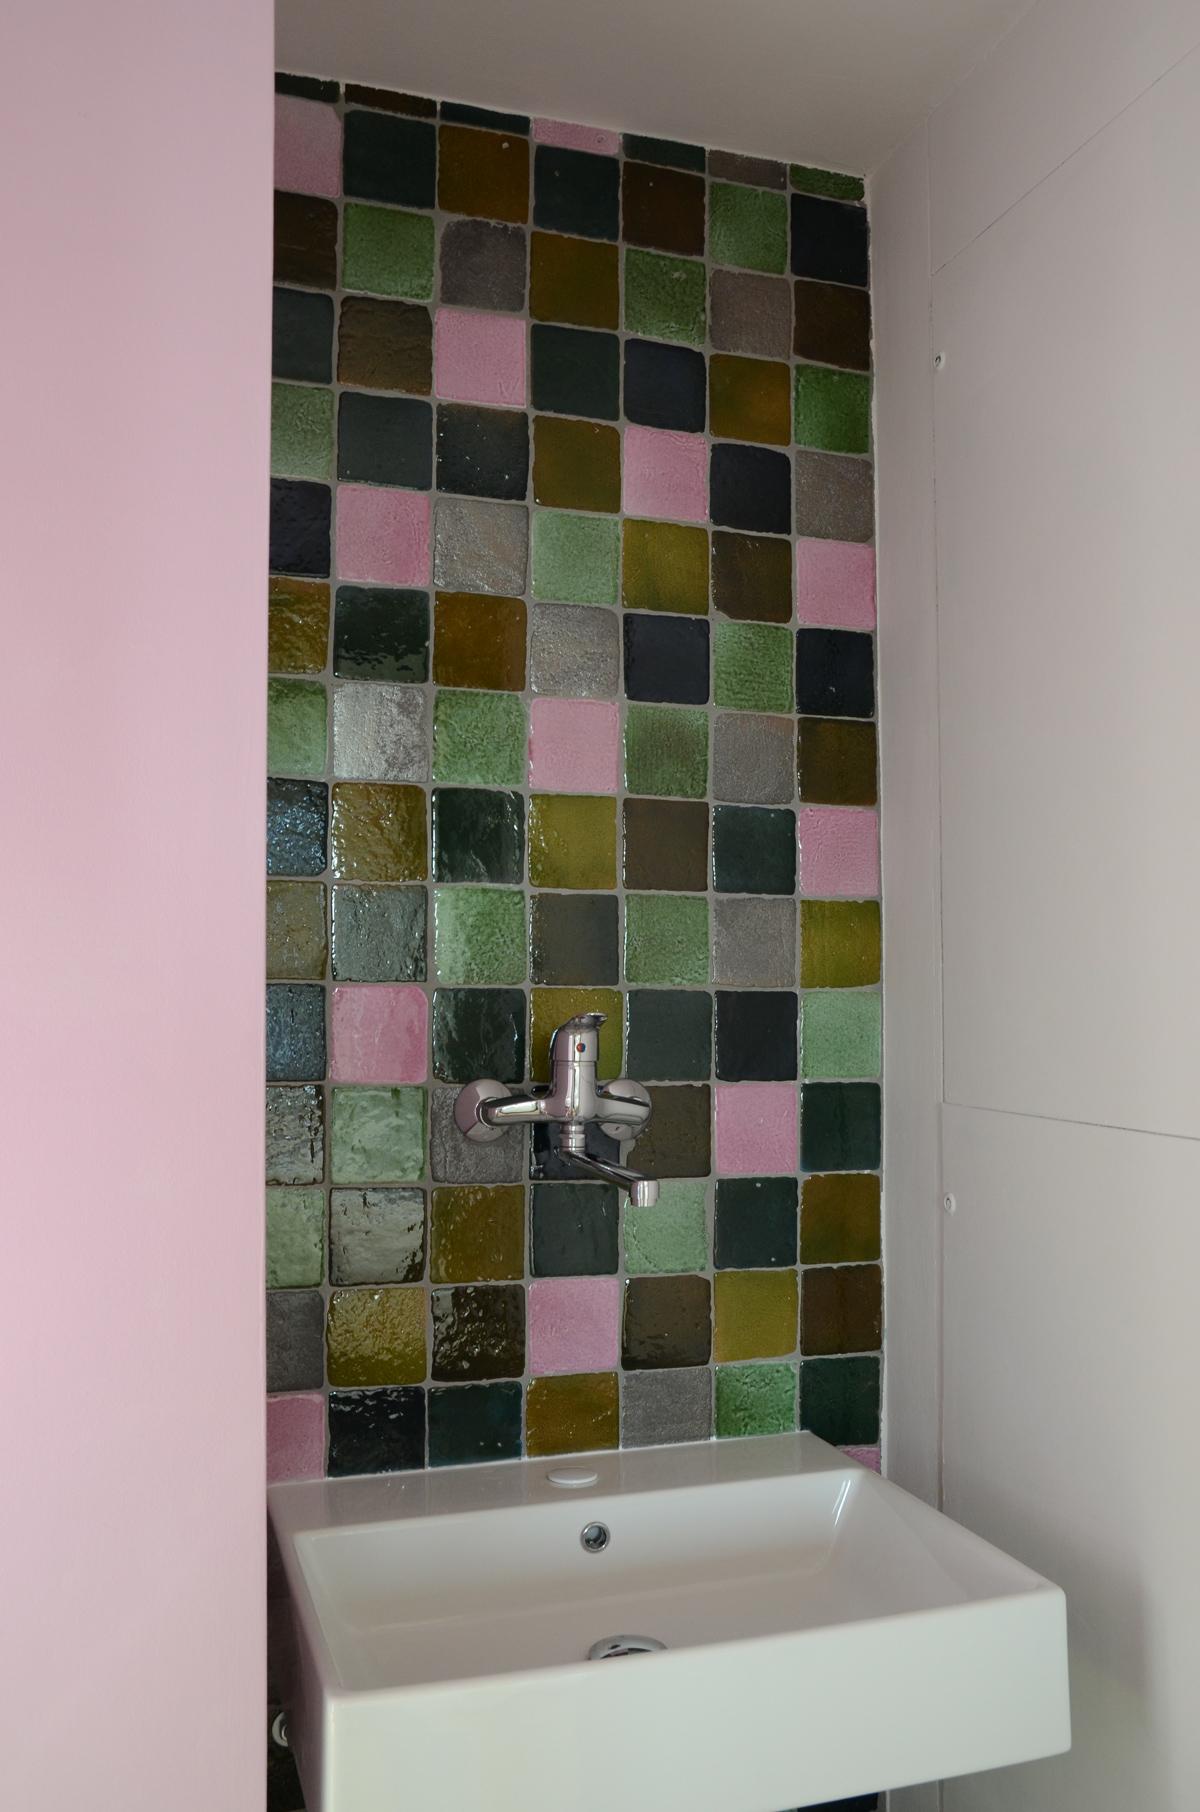 Colorare Pavimento In Cotto bagno in cotto: idee per pavimenti, rivestimenti, maioliche